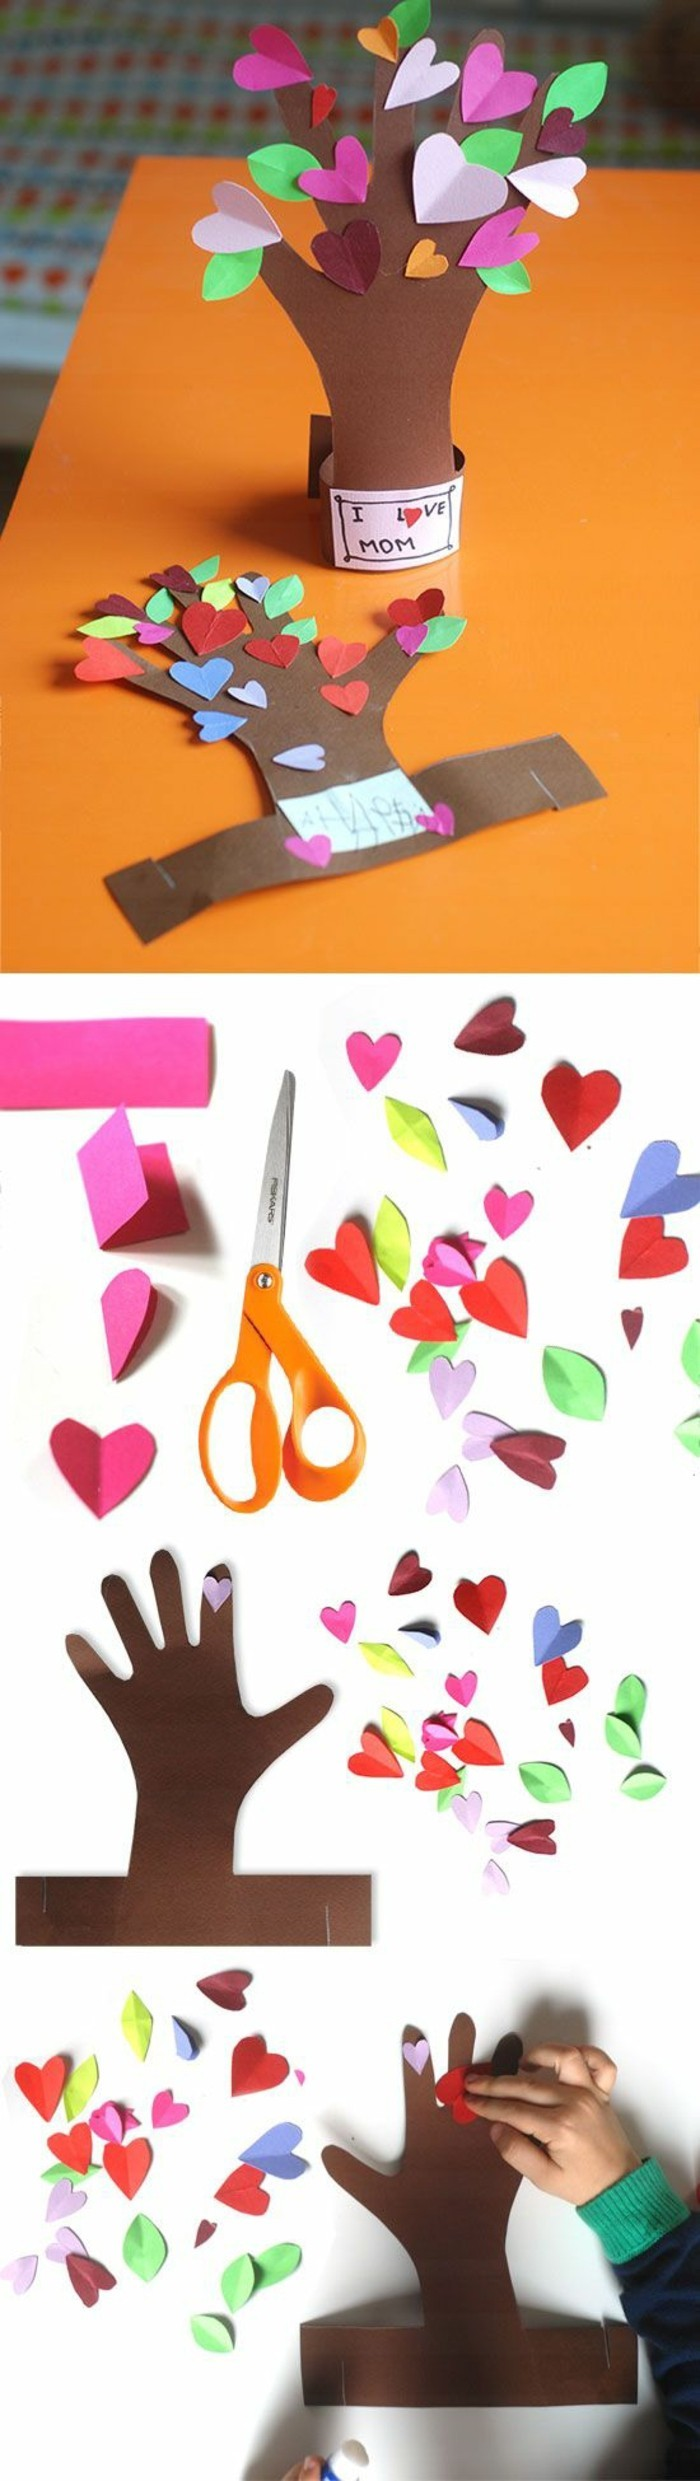 les-activite-manuelle-saint-valentin-romantique-faire-facile